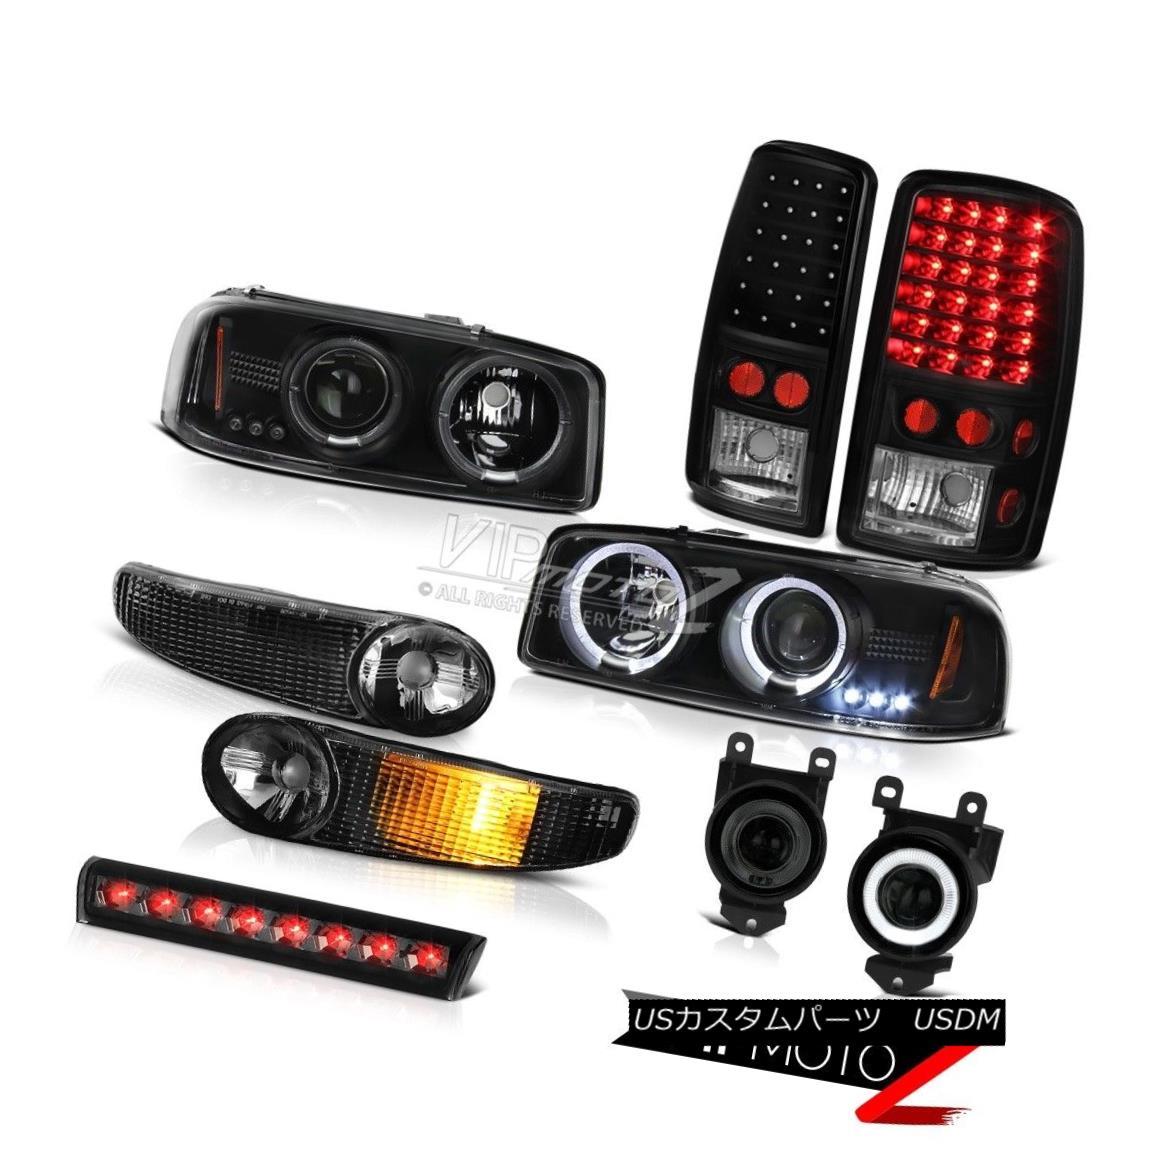 テールライト Black Halo LED Headlight Turn Signal Tail Light Fog Roof Stop 01-06 Yukon Denali ブラックヘイローヘッドライトターンシグナルテールライトフォグルーフストップ01-06ユーコンデナリ